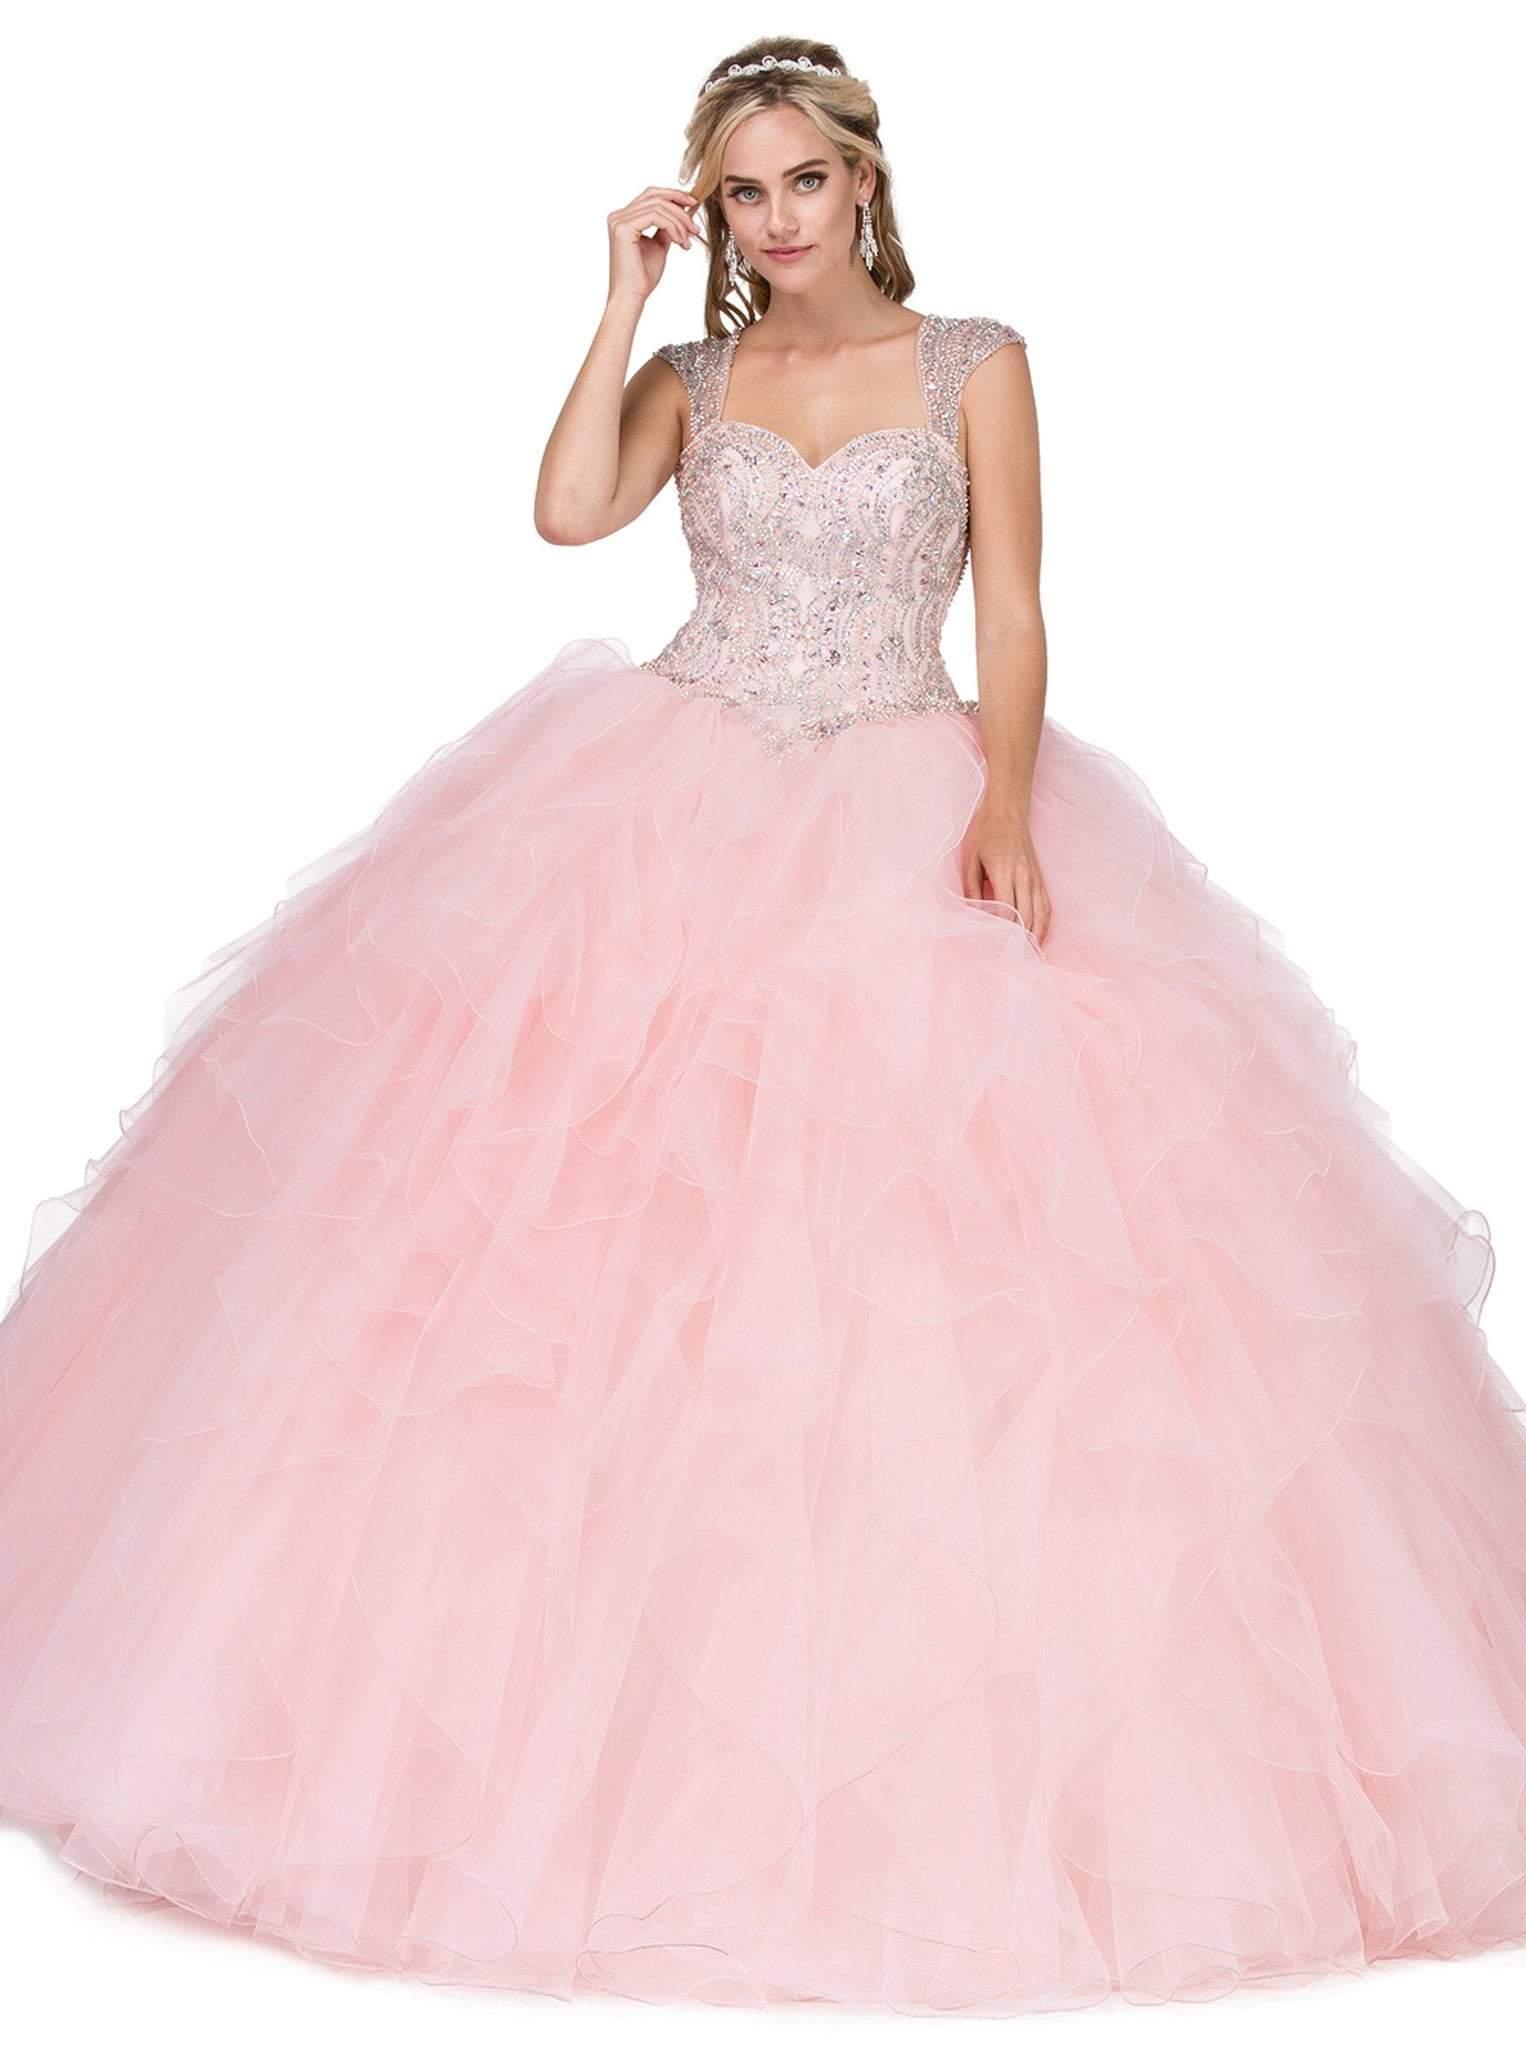 Dancing Queen - 1272 Beaded Sweetheart Ruffled Quinceanera Gown